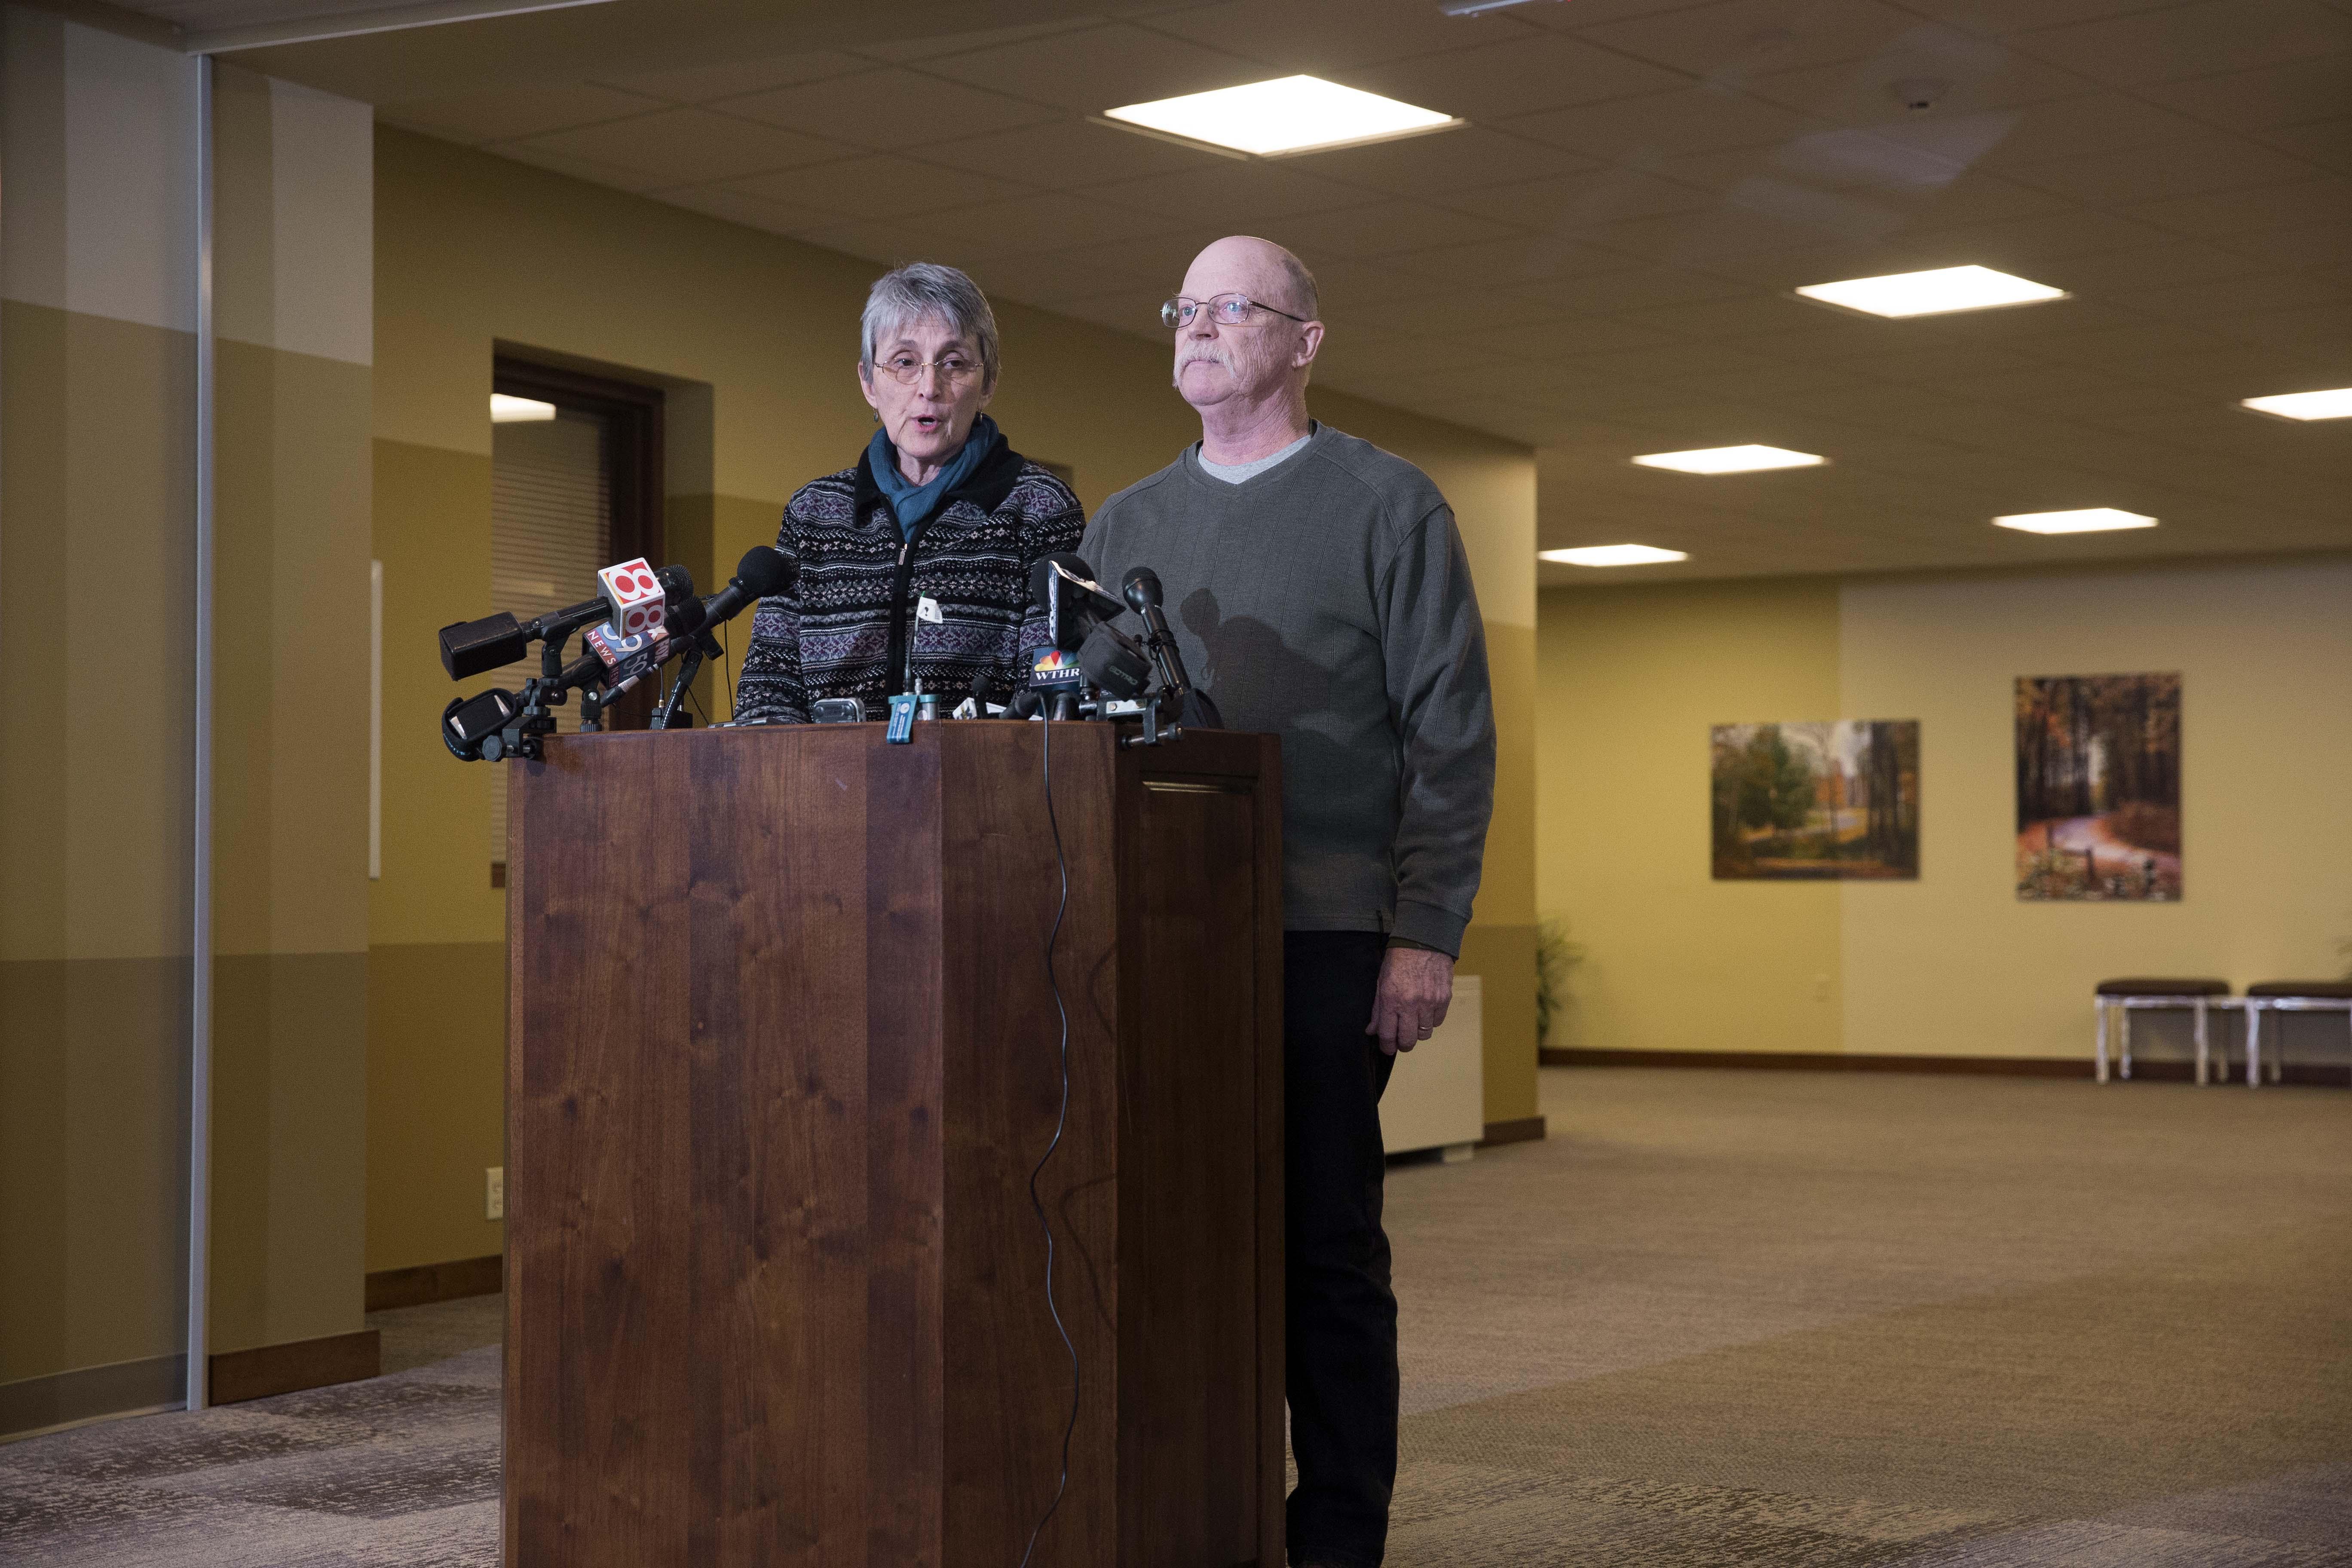 卡斯格是一名26歲的救援人員和美國公民,於2013年10月在敘利亞被ISIS抓捕,當時他正在向逃離敘利亞內戰的敘利亞人提供援助。圖為卡斯格的父母。(Aaron P. Bernstein/Getty Images)